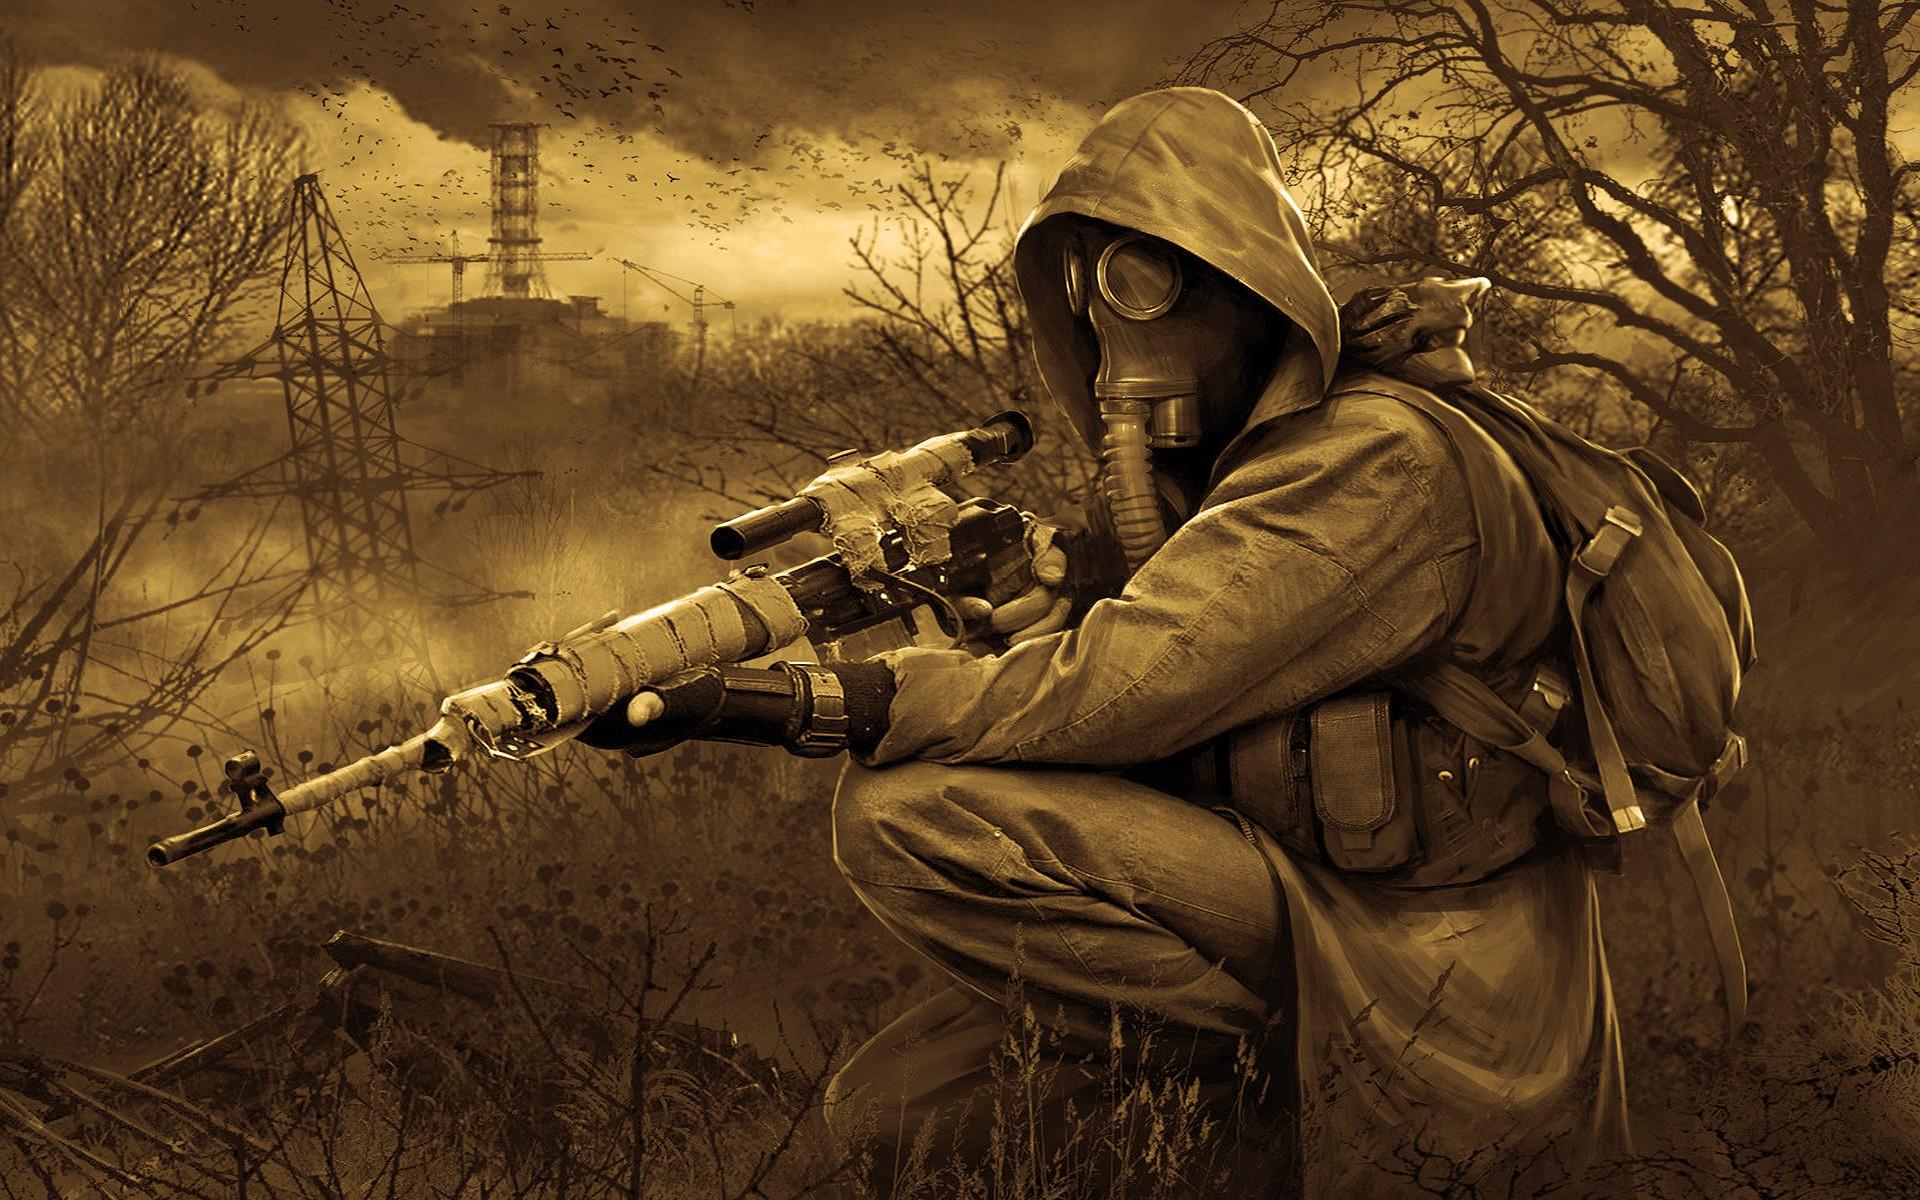 S t a l k e r hd wallpaper background image 1920x1200 id 871919 wallpaper abyss - Stalker wallpaper hd ...